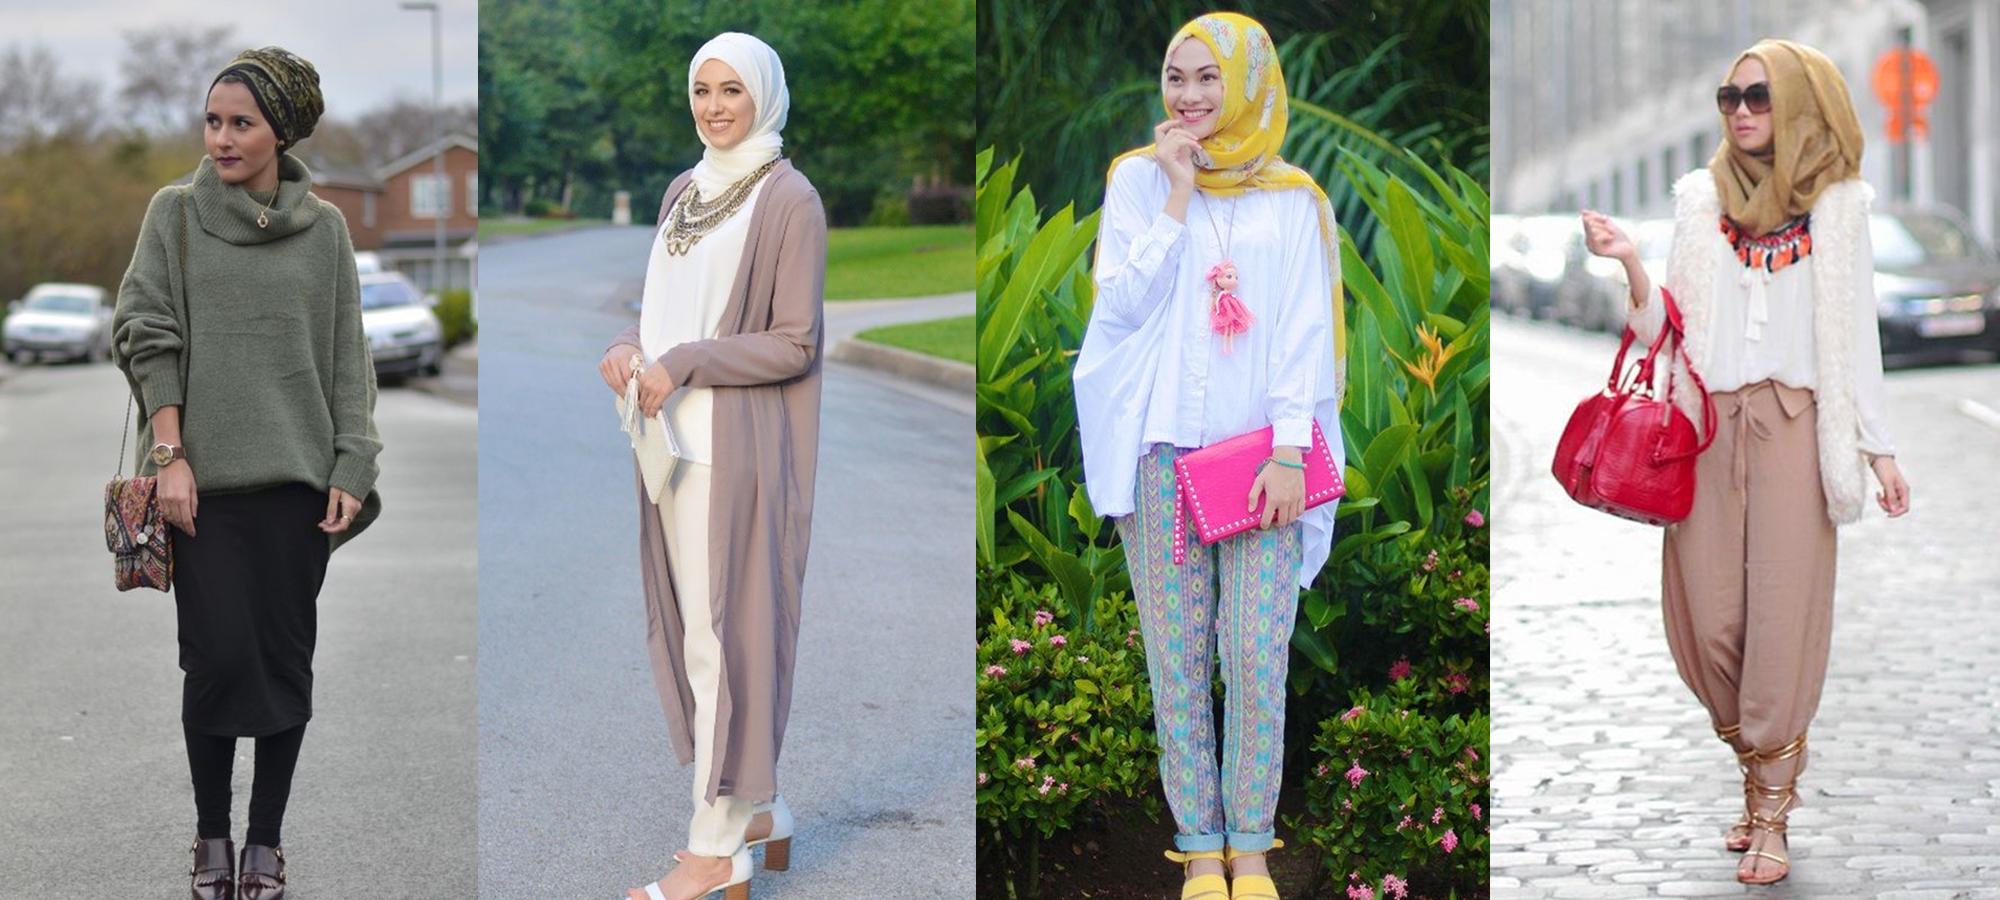 Black muslims meet white muslim dresses